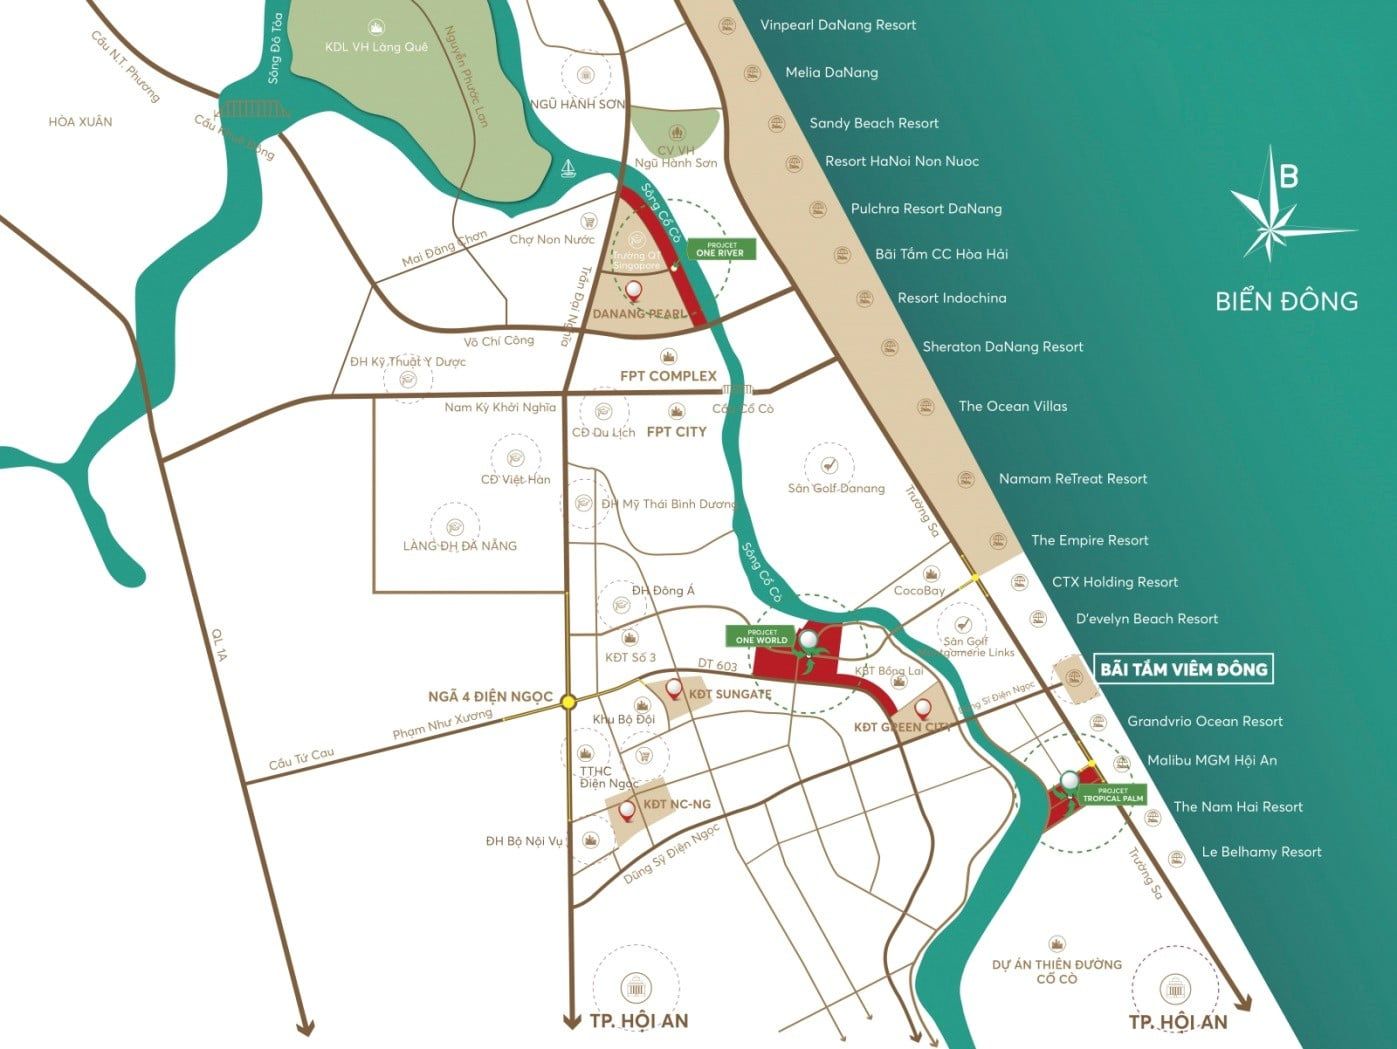 Vị trí Trung tâm, tựa Sông hướng Biển dự án One World Regency